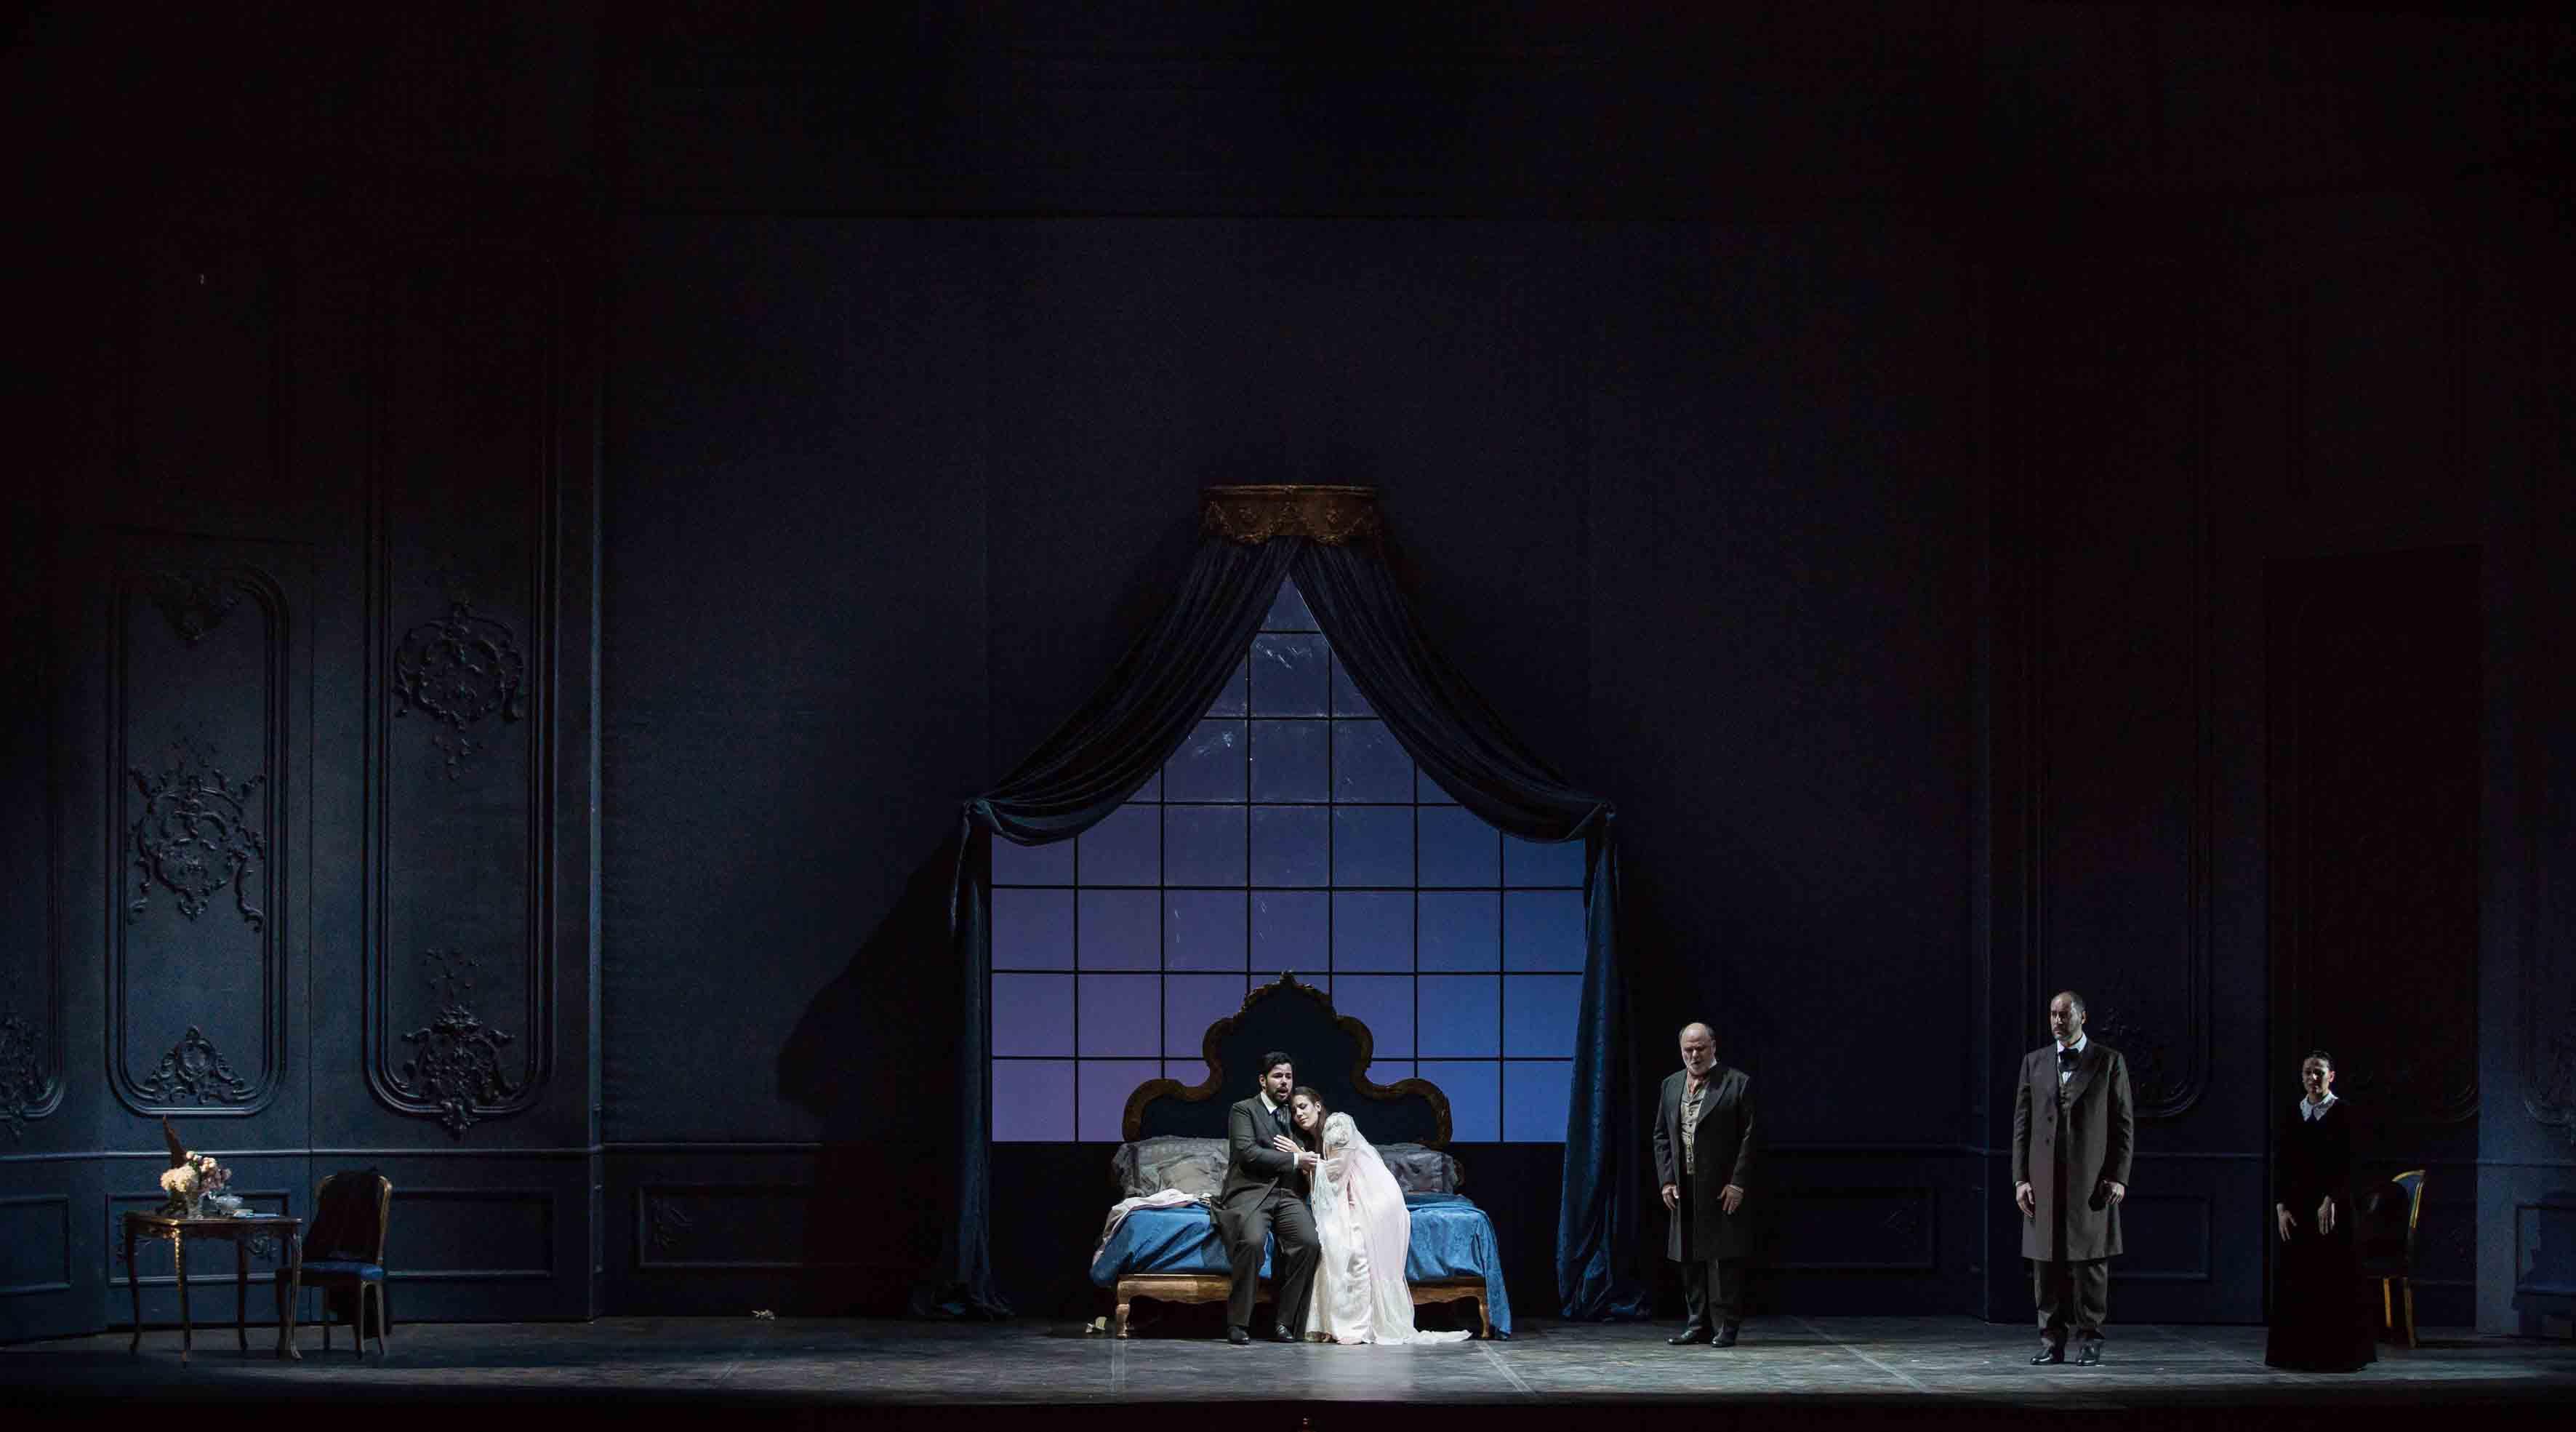 la-traviata un-totale-dal-terzo-attoyasuko-kageyama-opera-di-roma-2015-16 3225